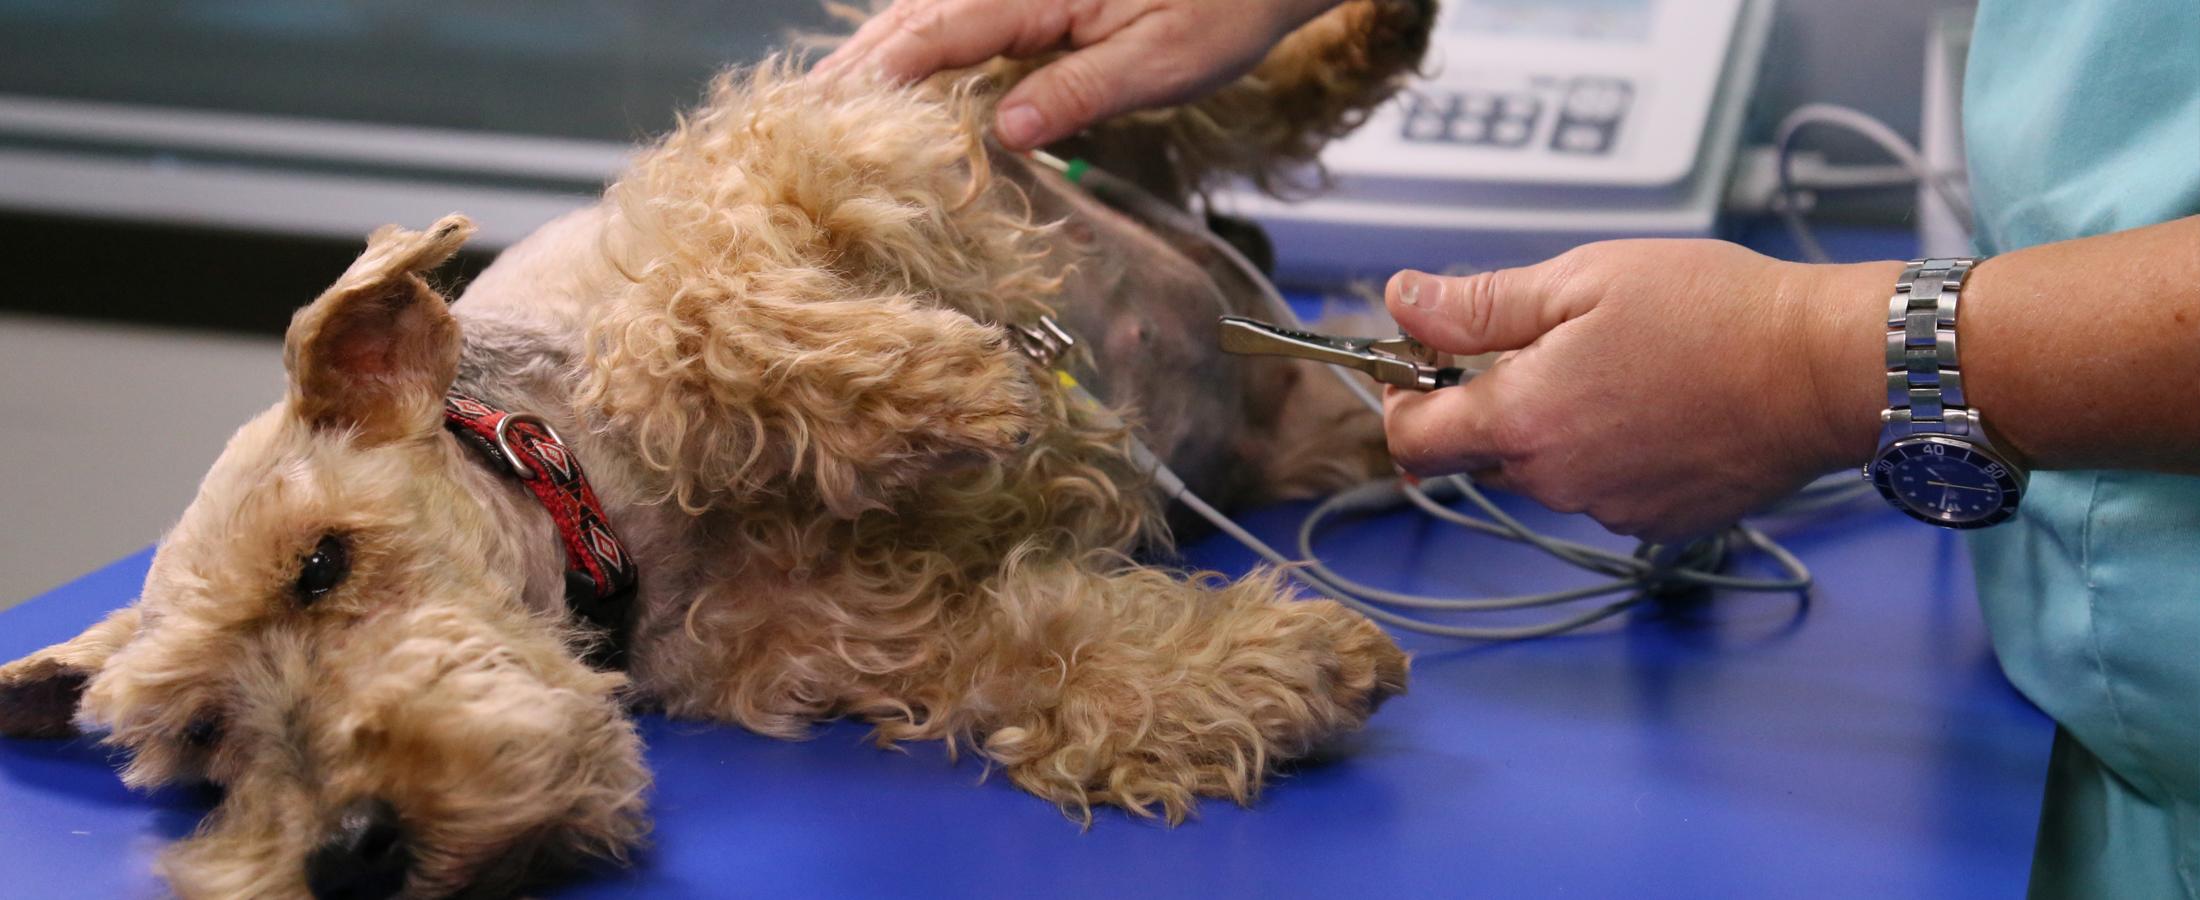 clinica-veterinaria-fussionvet-medicina-